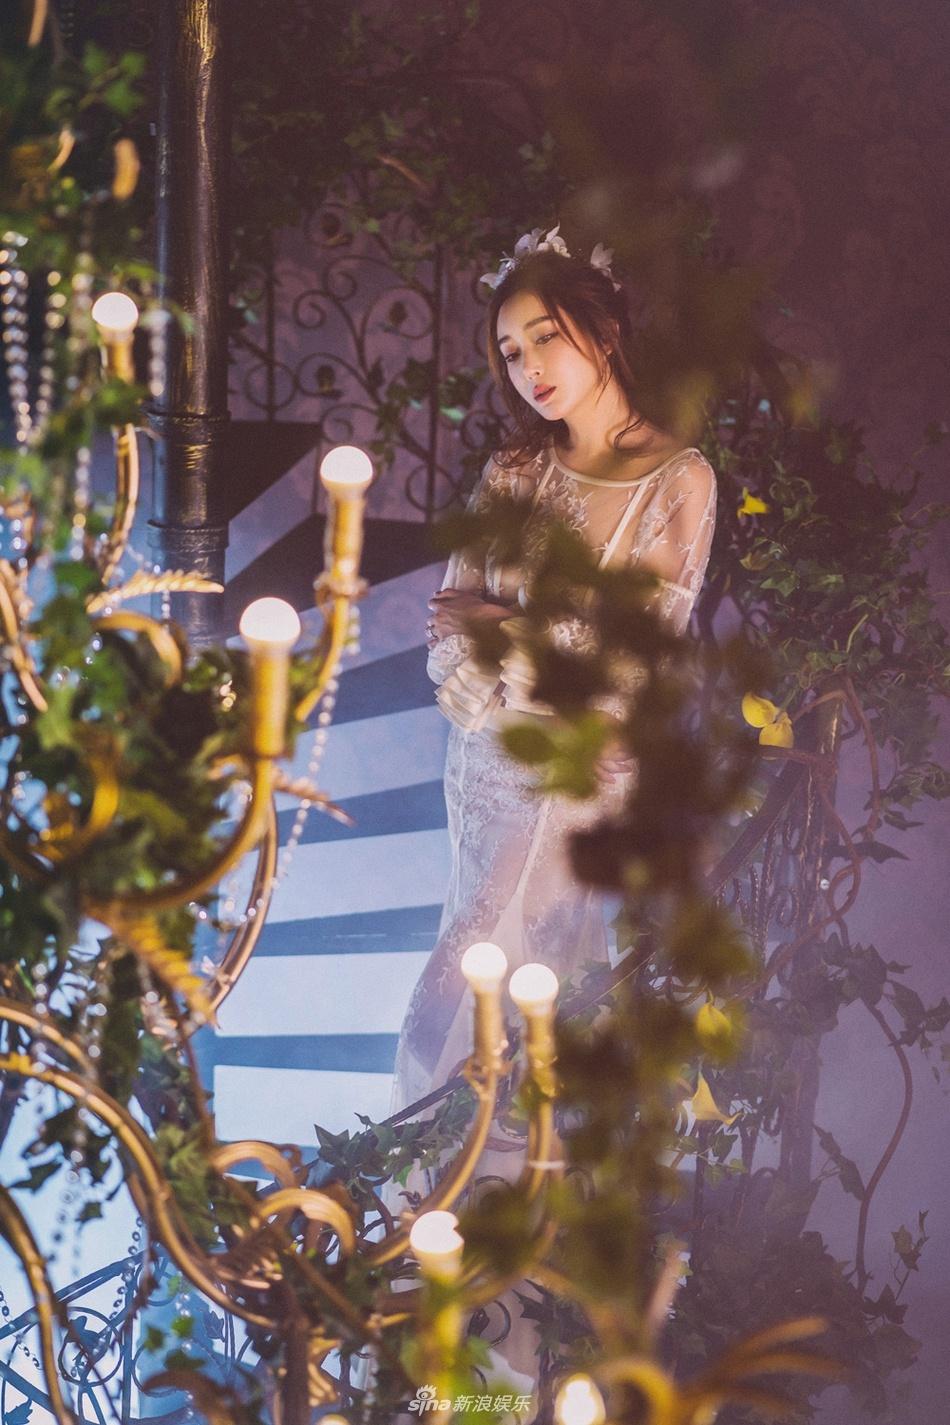 杜若溪 白裙傍身气质妩媚 宛如丛林仙子